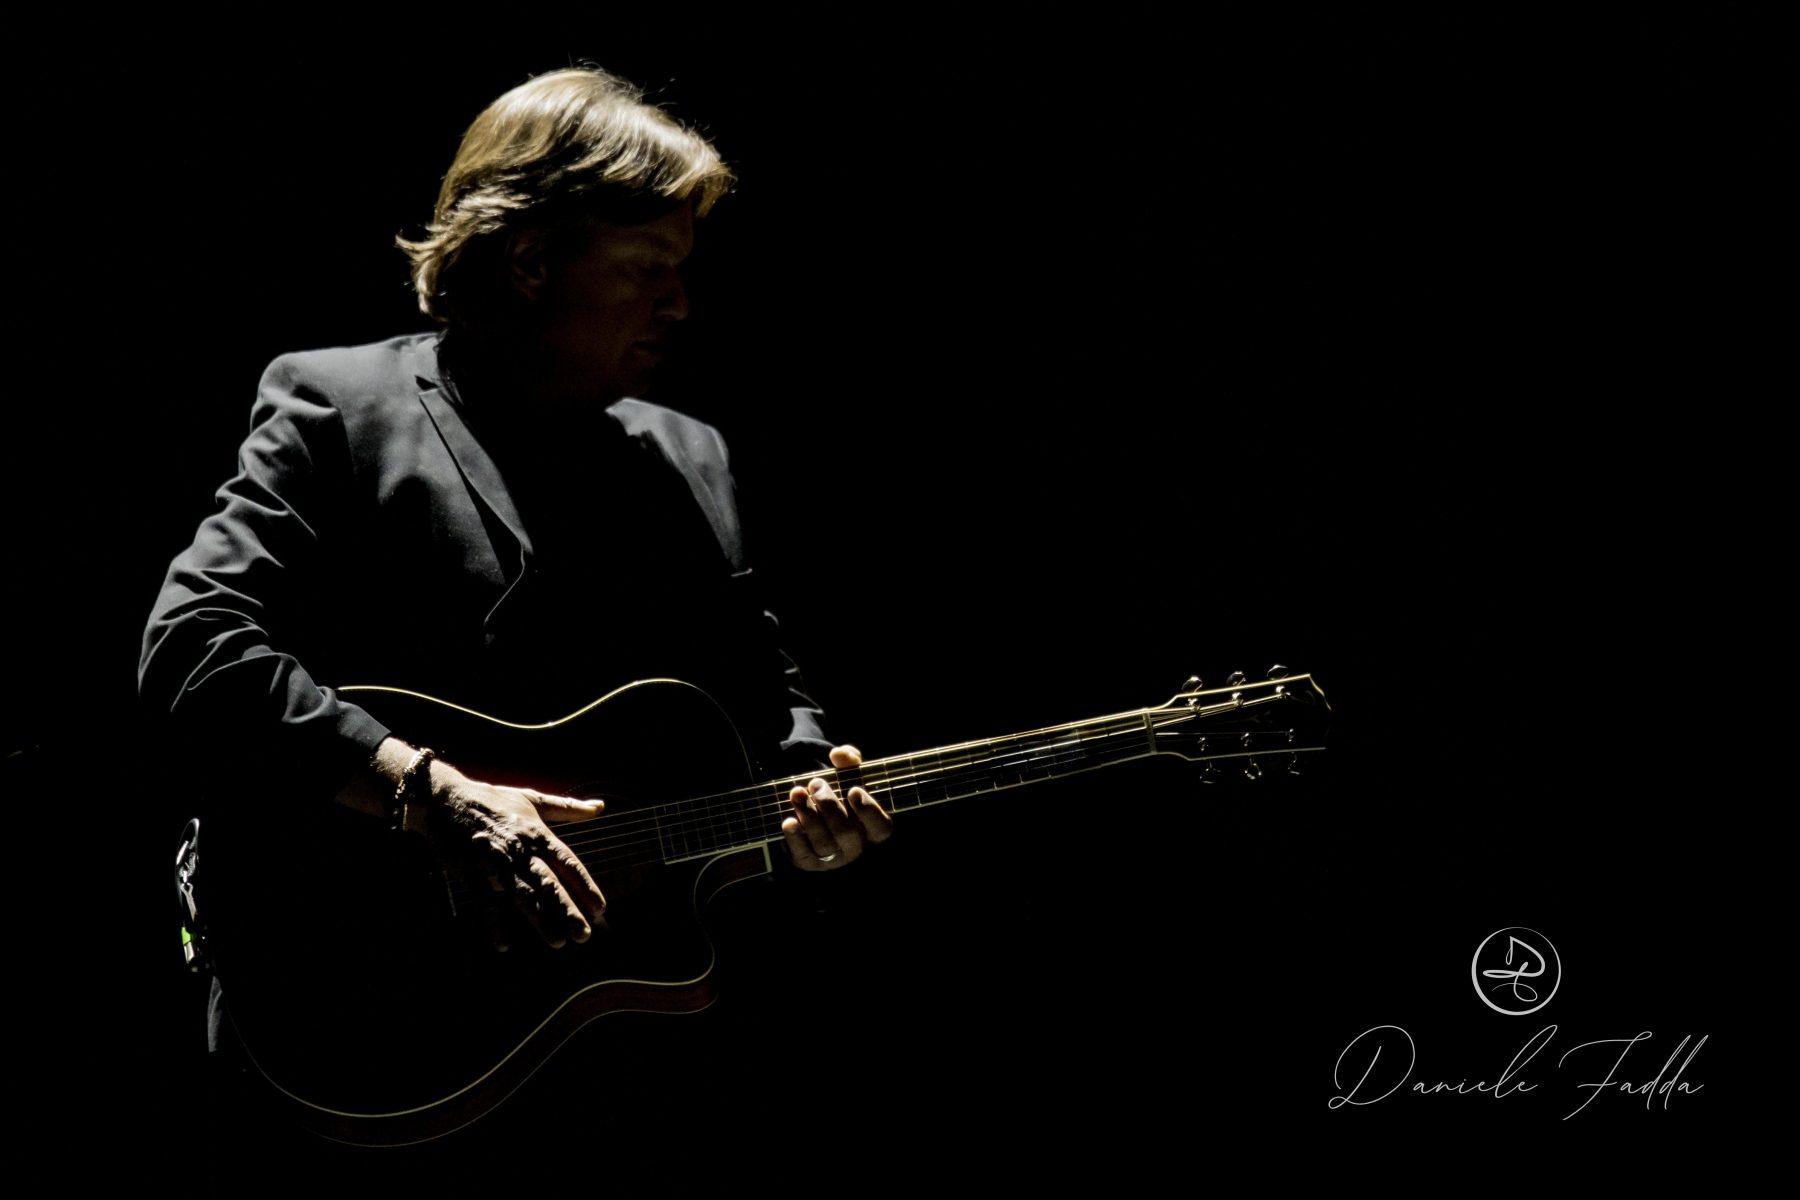 European Jazz Expo - Cristiano De André - De André canta De André - Daniele Fadda - 2019 - Sa Scena Sarda - 3 Novembre